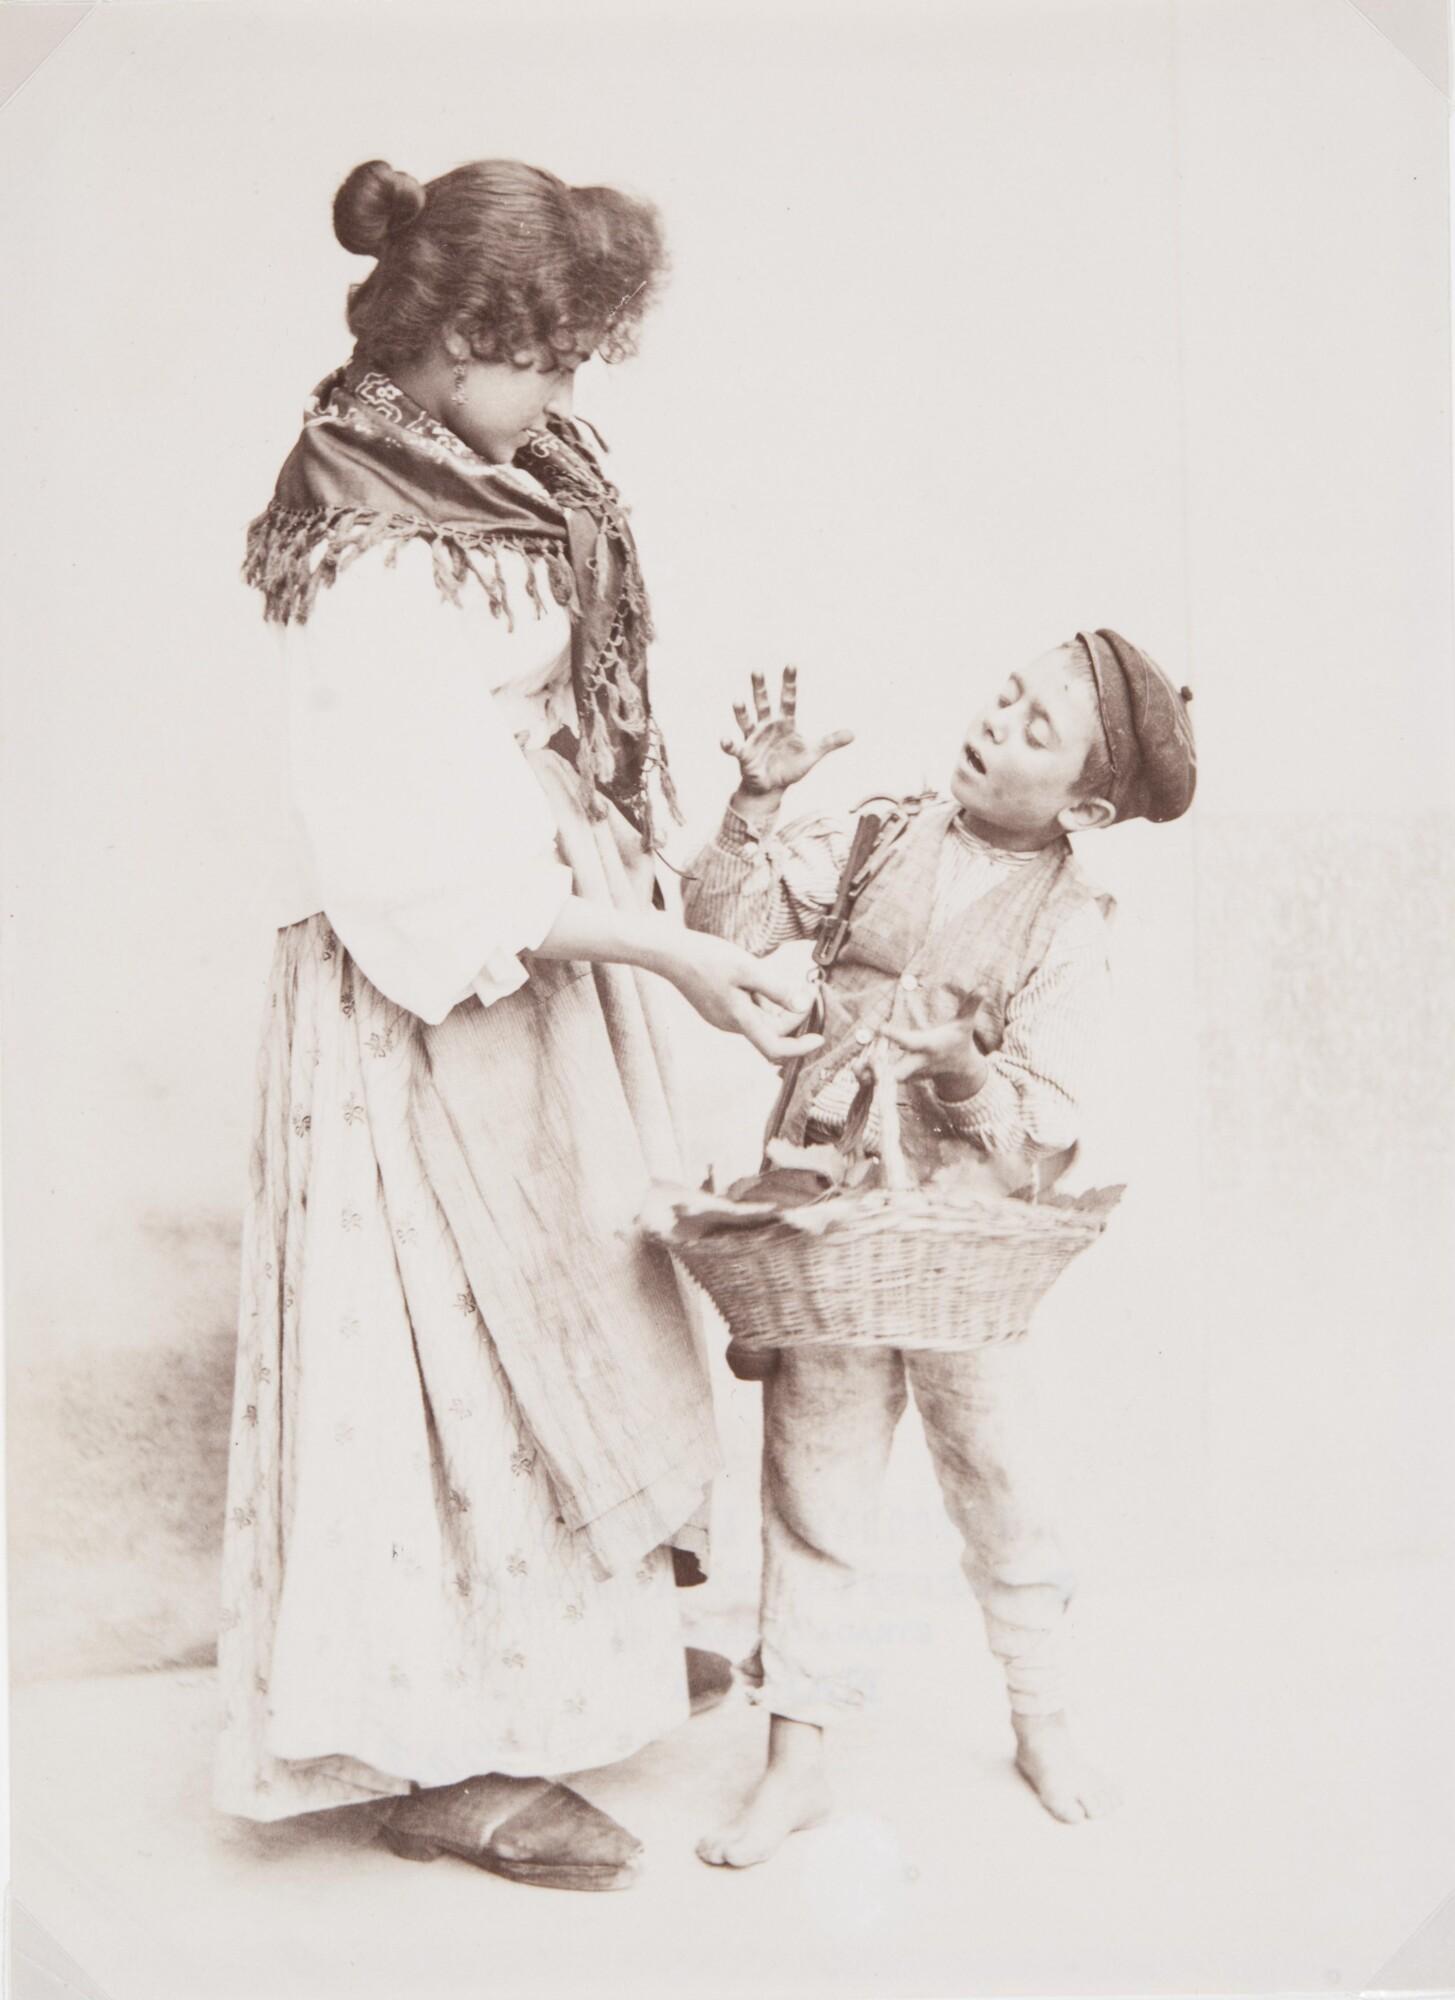 Фотоателье Эспозито.    Девушка спорит с мальчиком — продавцом фруктов, 1870–1890‑е   Альбуминовый отпечаток